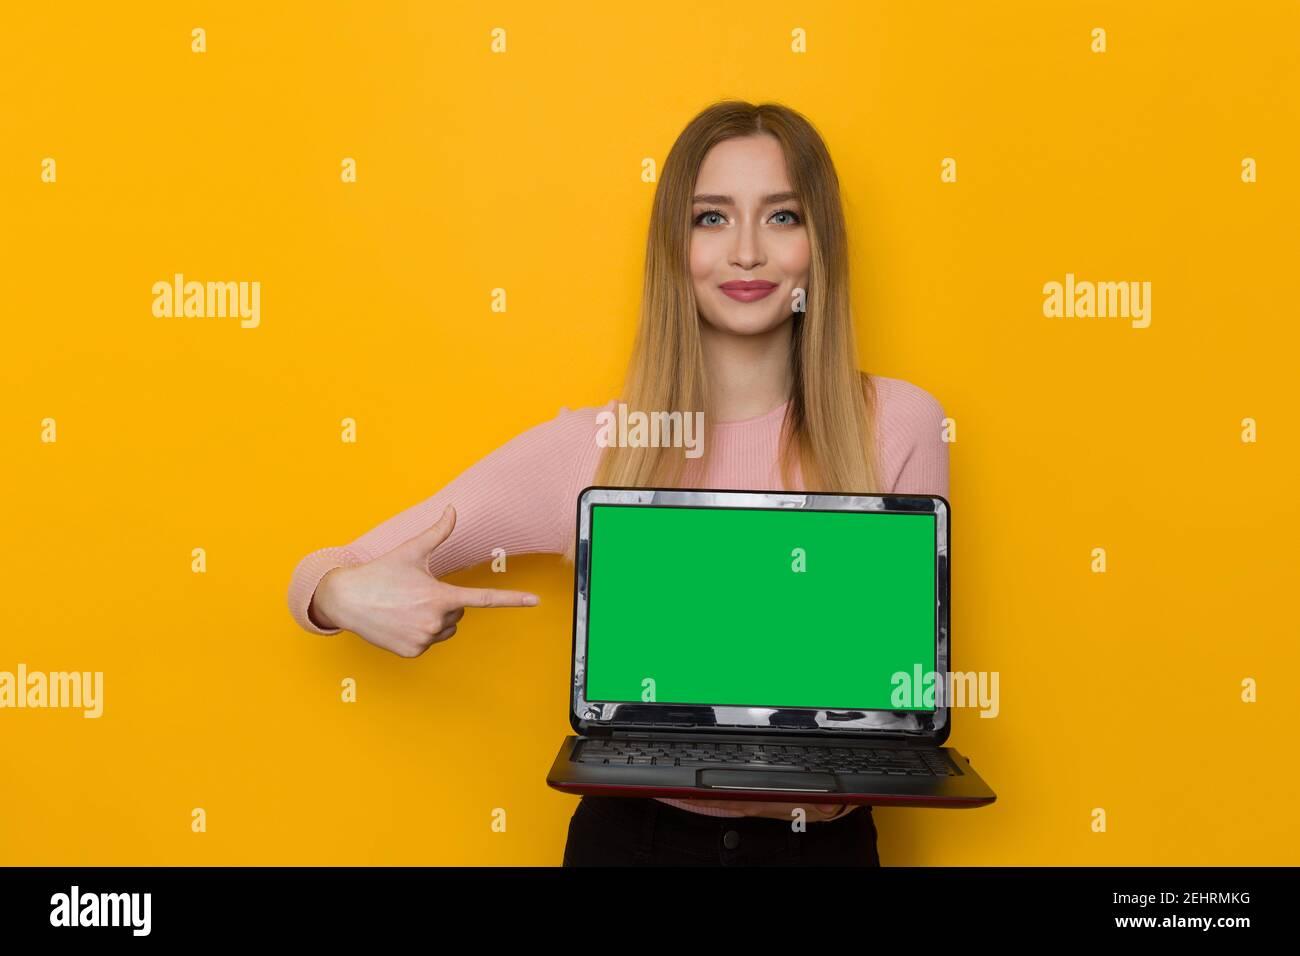 Une jeune femme souriante en chandail rose tient un ordinateur portable avec écran vert et le pointe vers lui. Taille haute studio tourné sur fond jaune. Banque D'Images